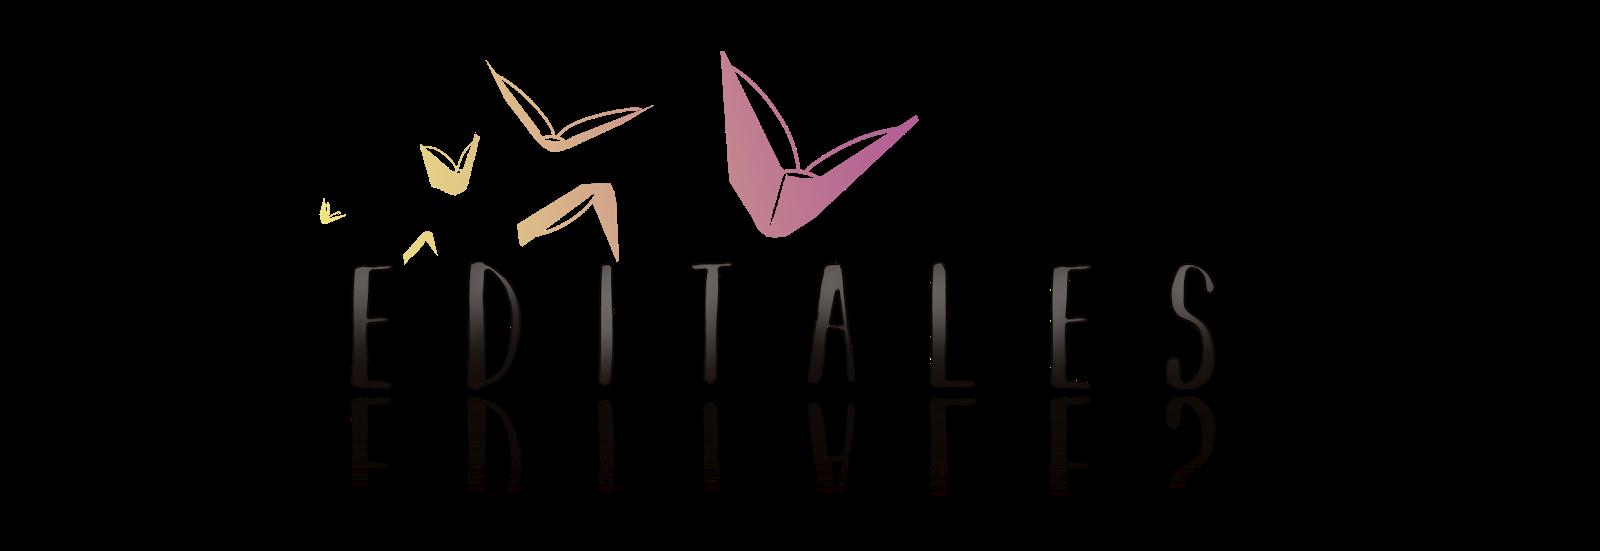 Editales.com (Metrópolis):